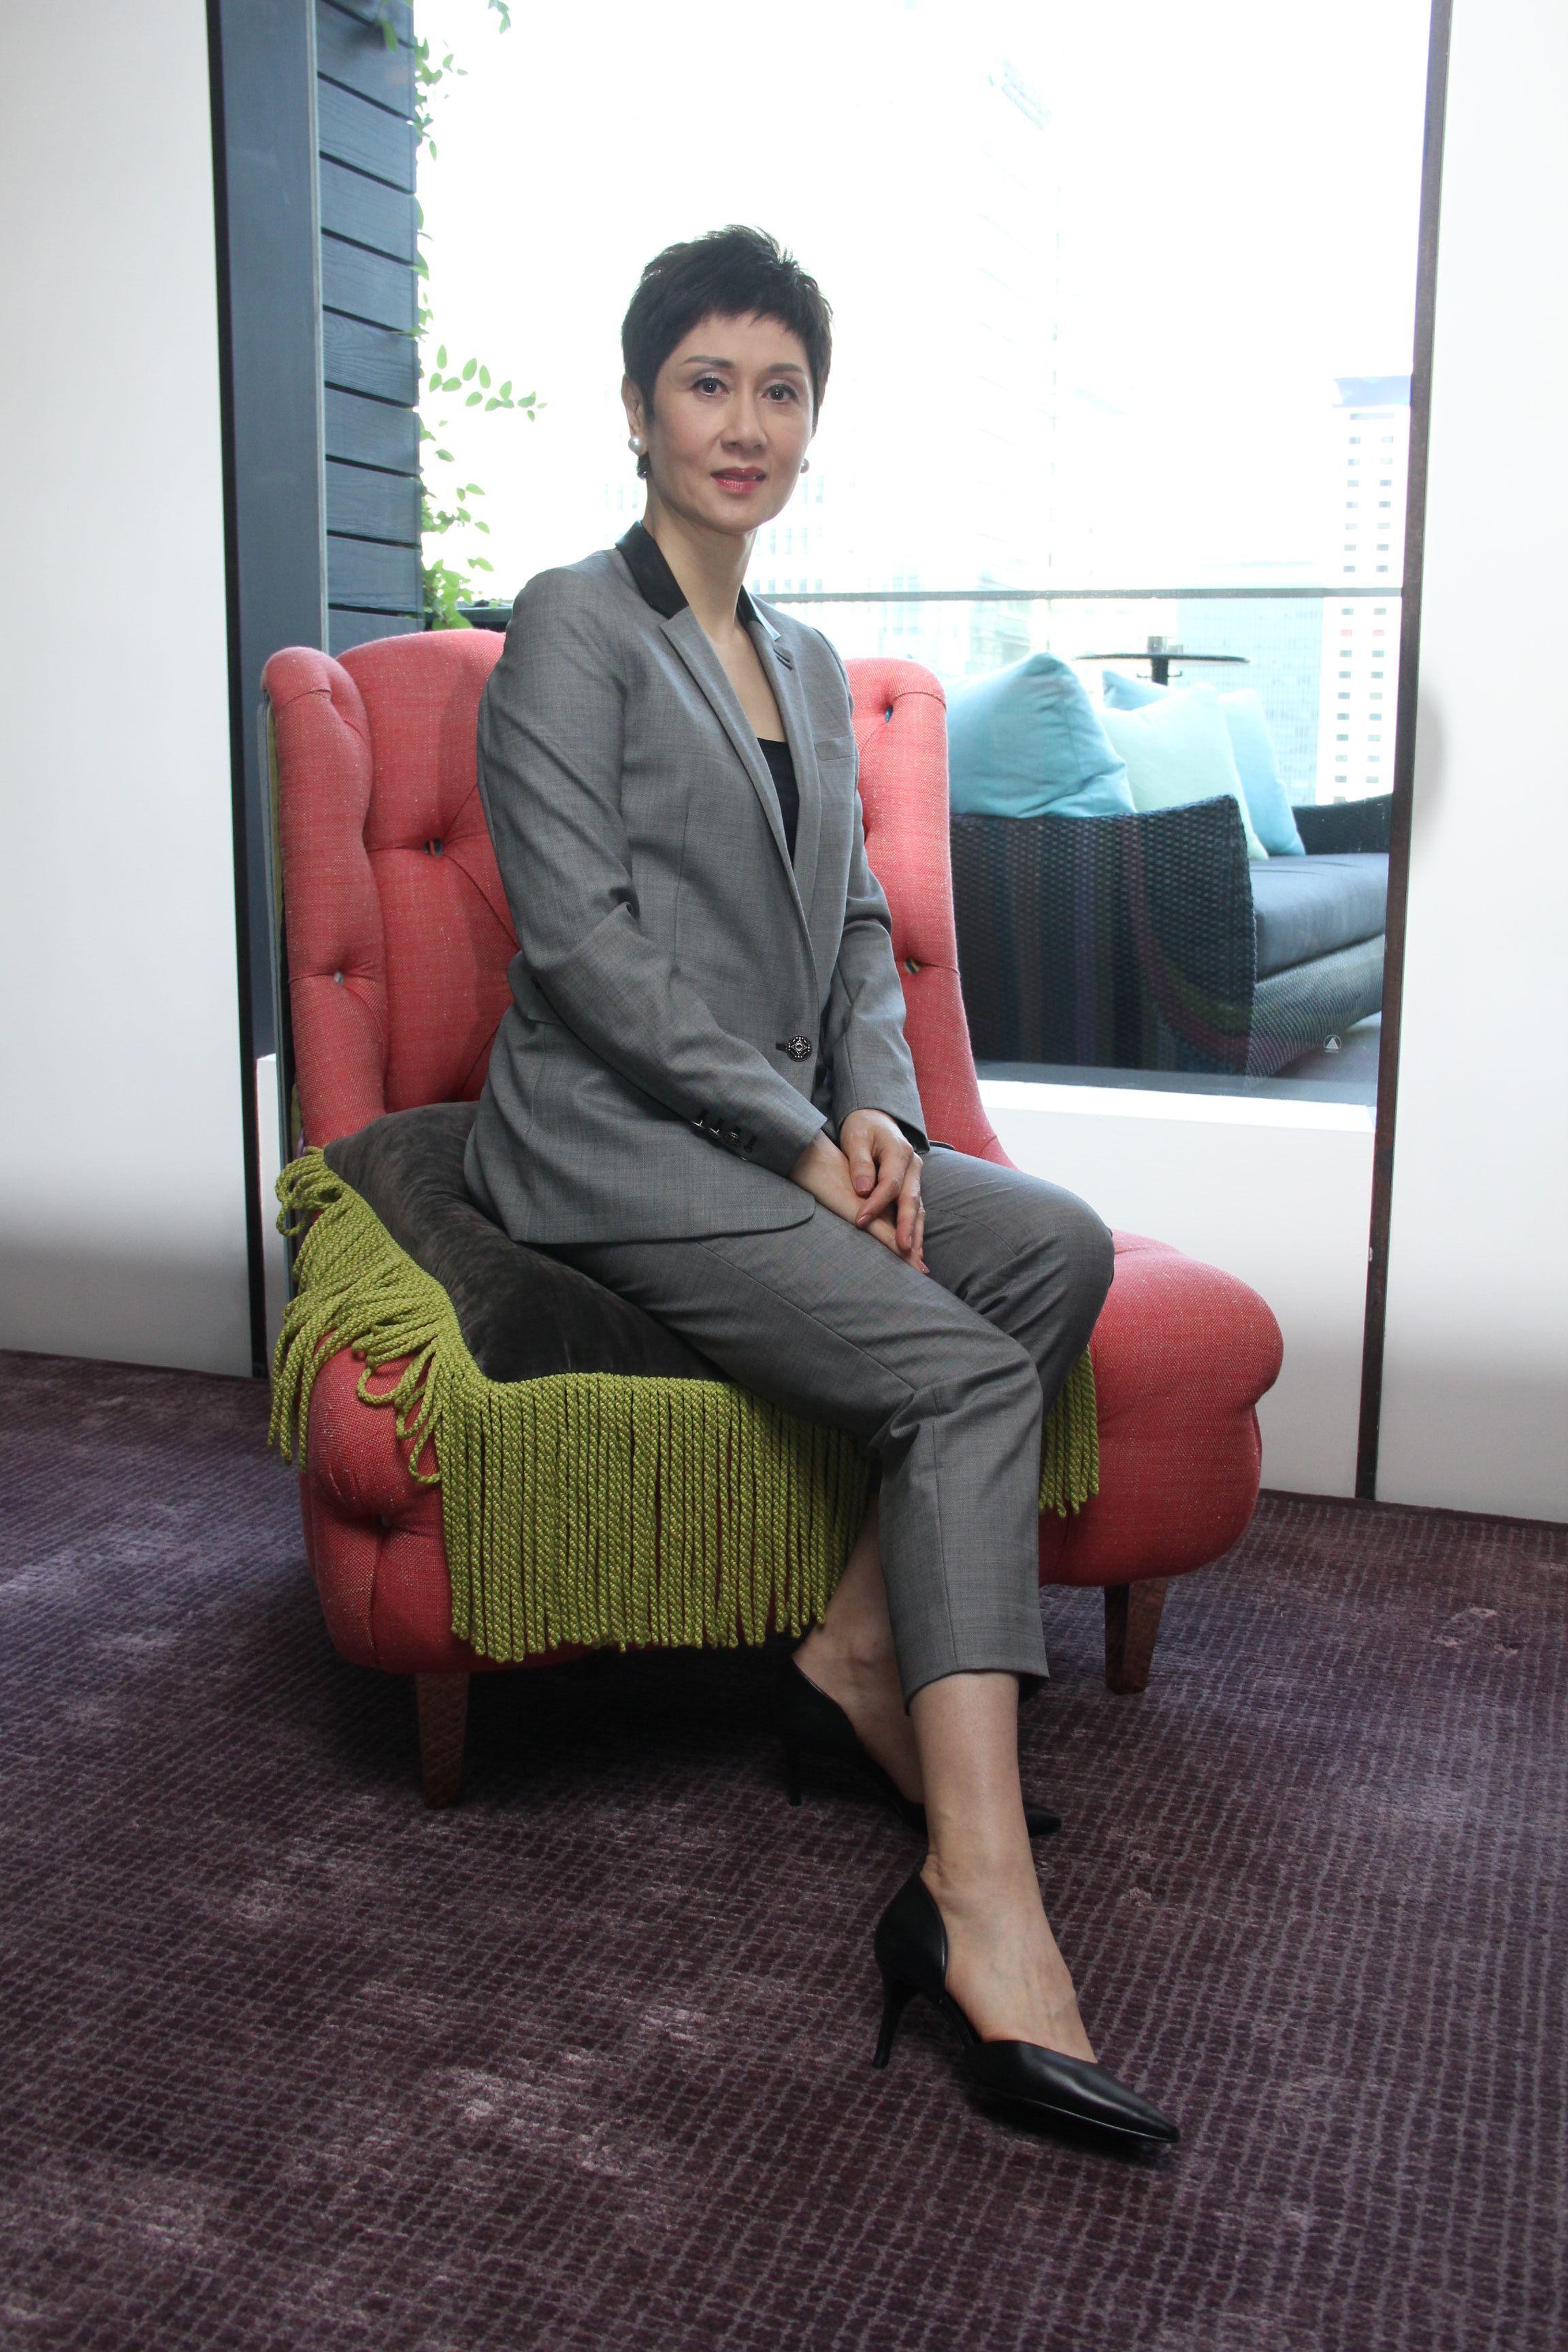 張王幼倫創立「領賢」,目的是推動香港的文化藝術。